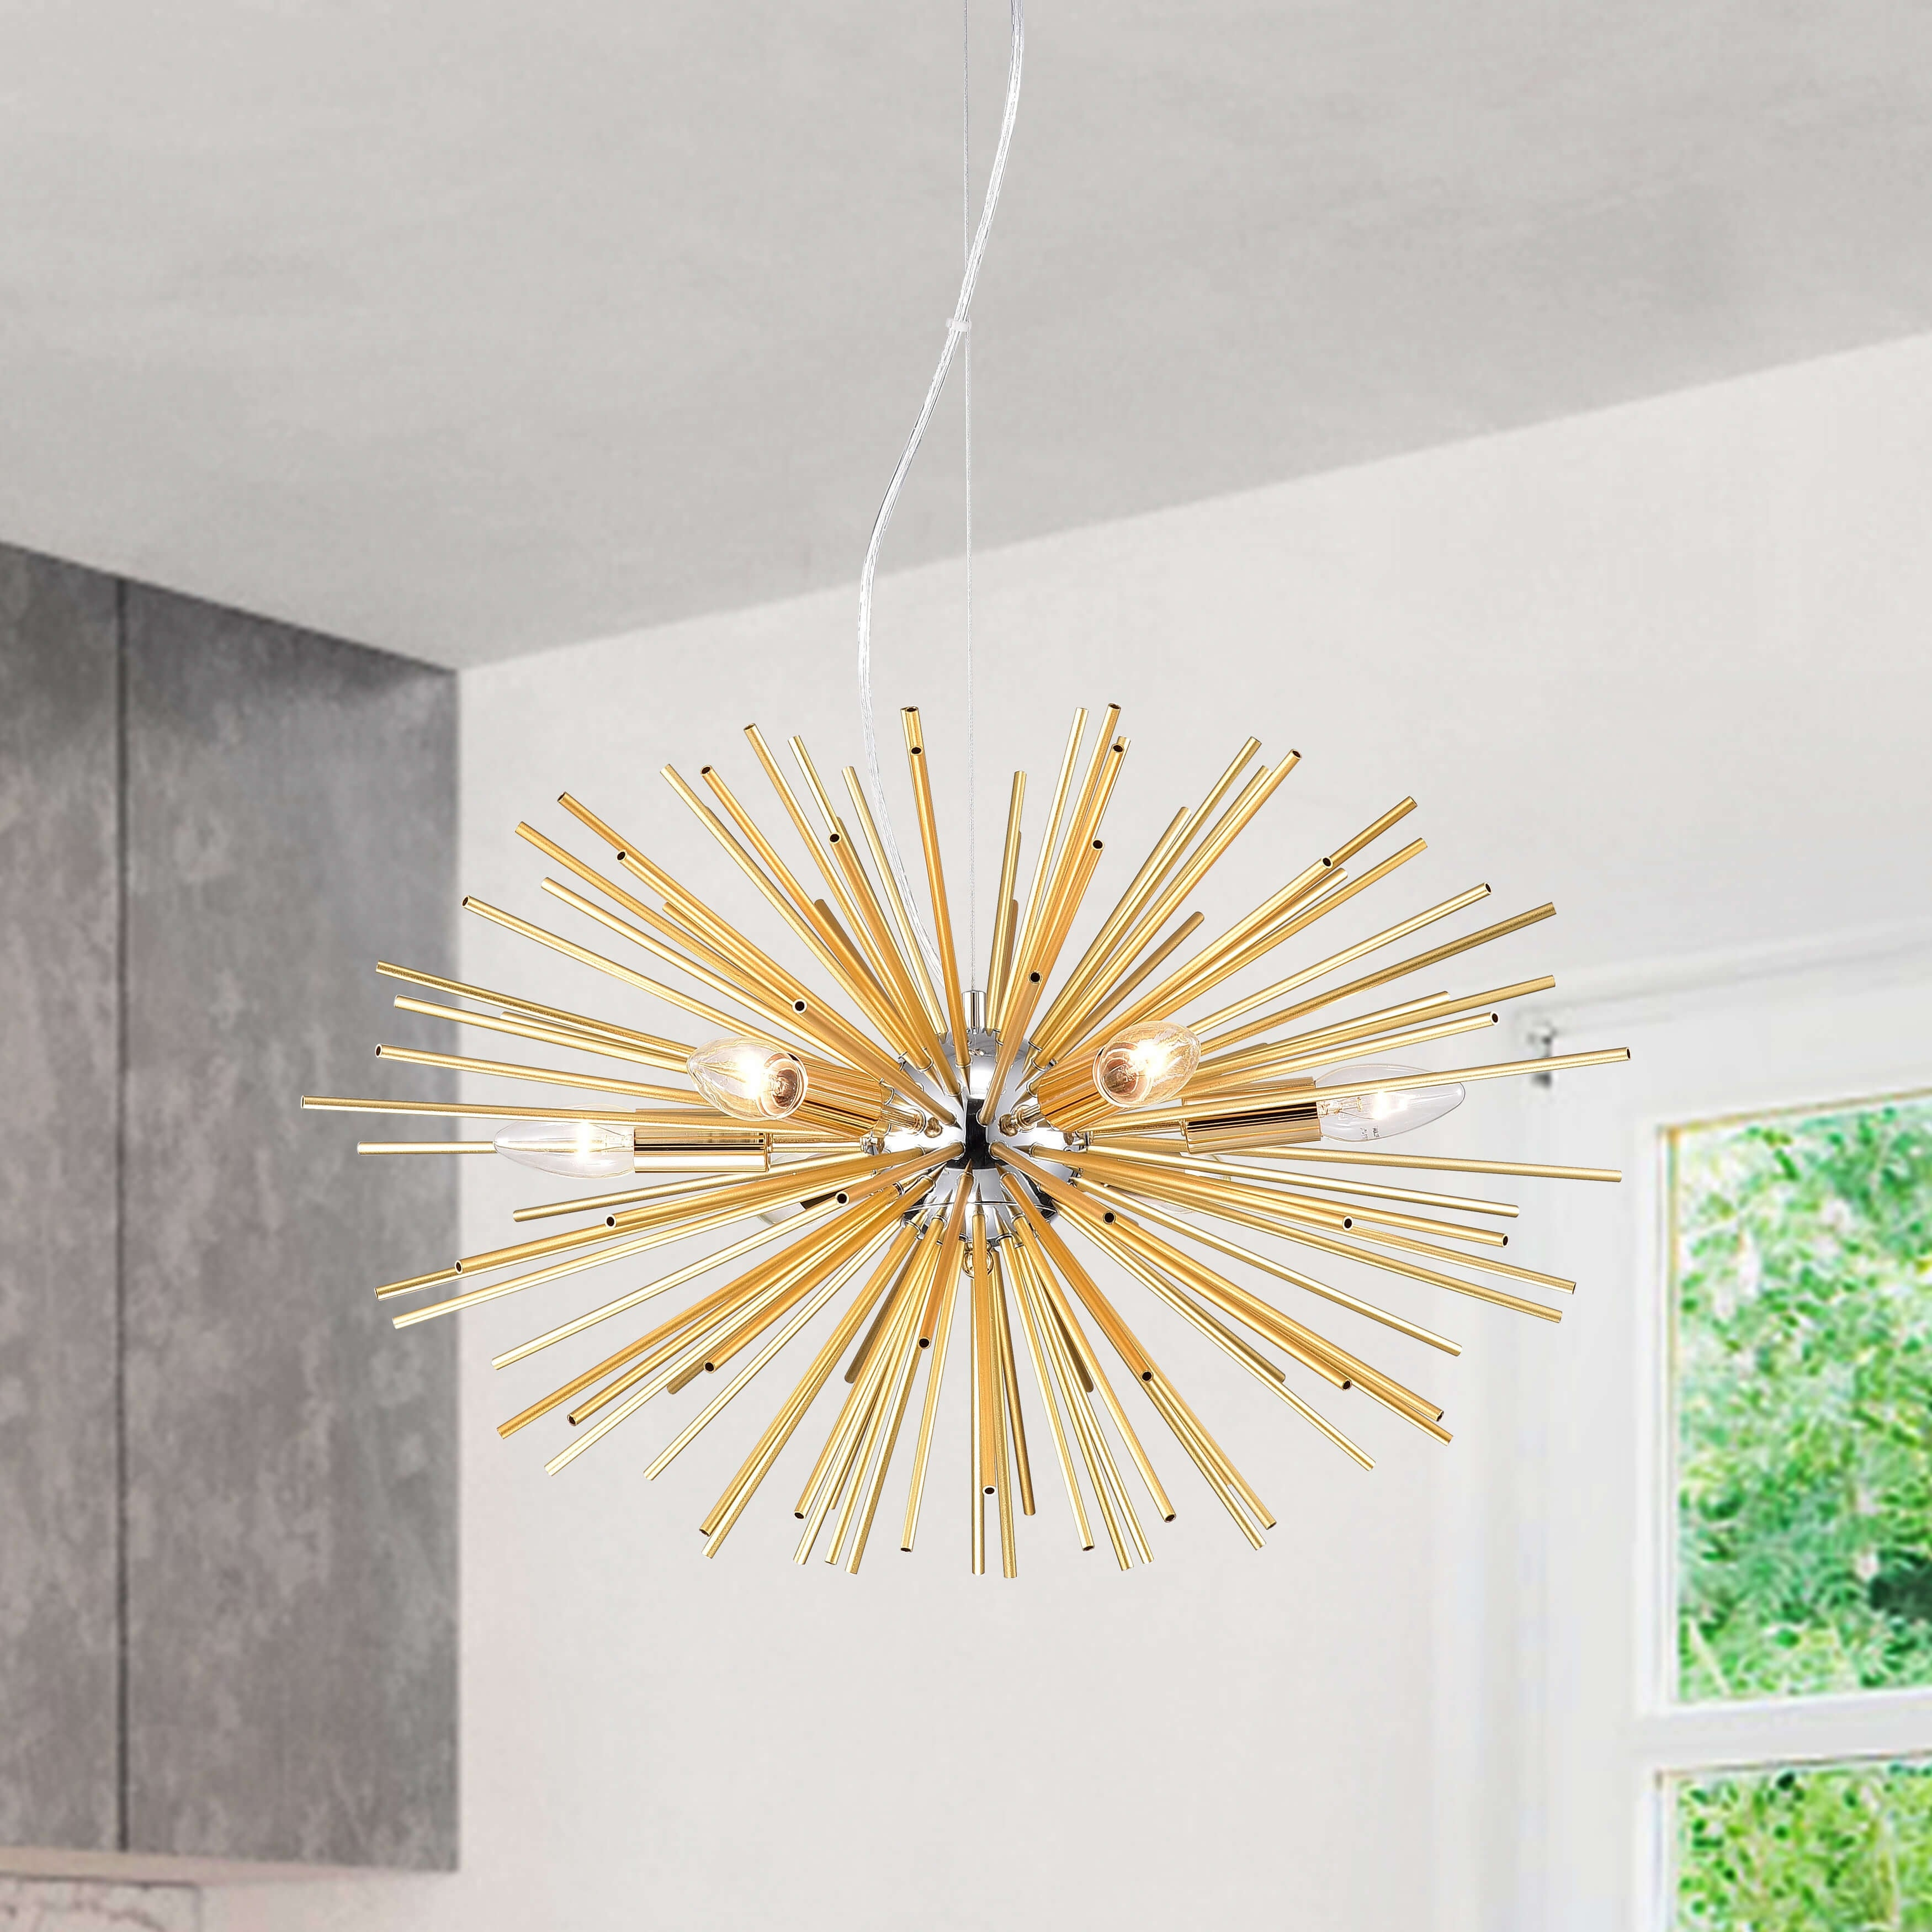 Shop Black Friday Deals On Lorena 6 Light Chrome And Champaign Gold Sputnik Chandelier Overstock 24123795